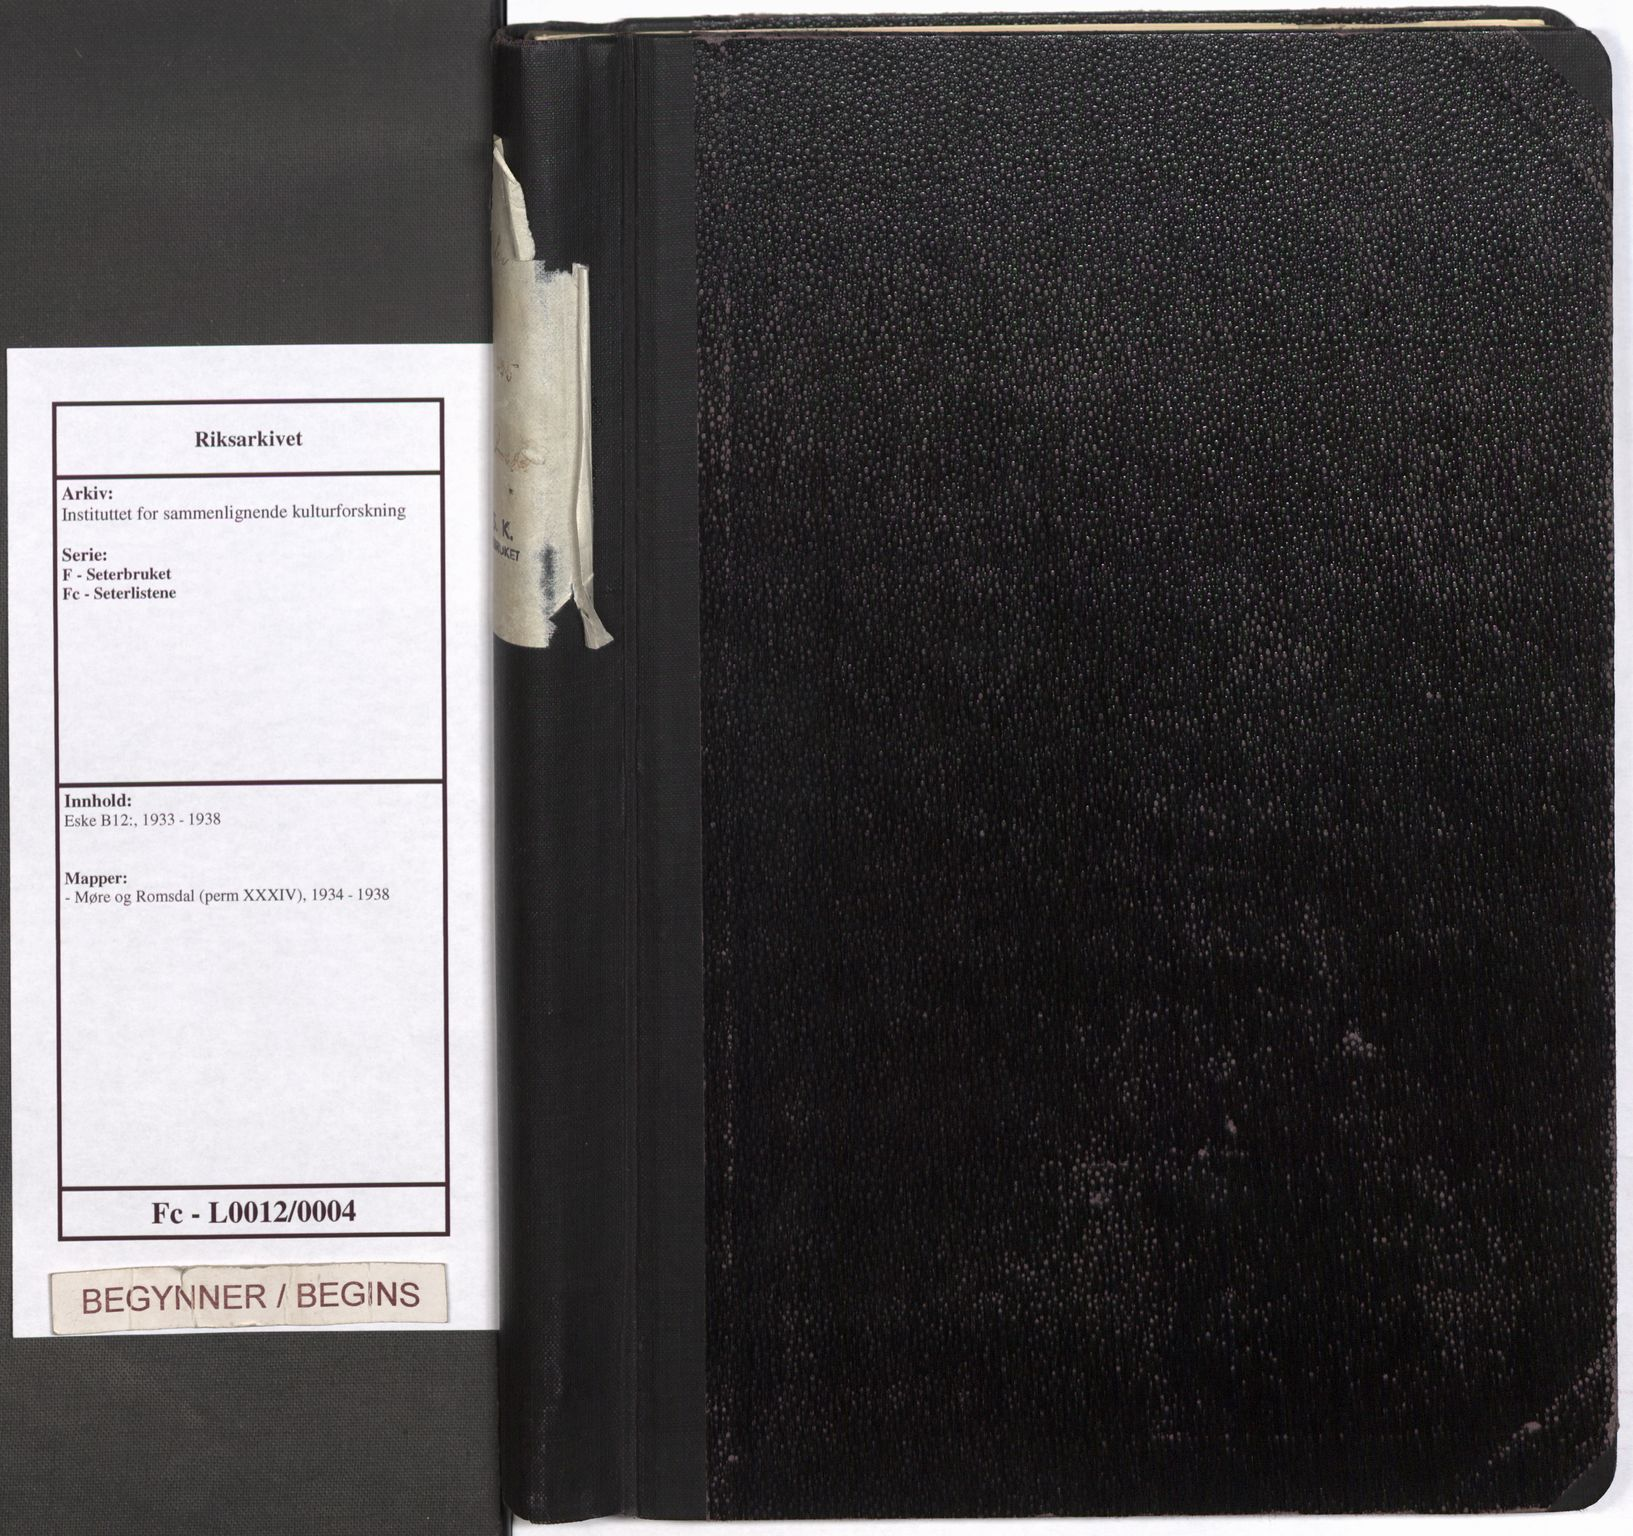 RA, Instituttet for sammenlignende kulturforskning, F/Fc/L0012: Eske B12:, 1934-1938, s. upaginert